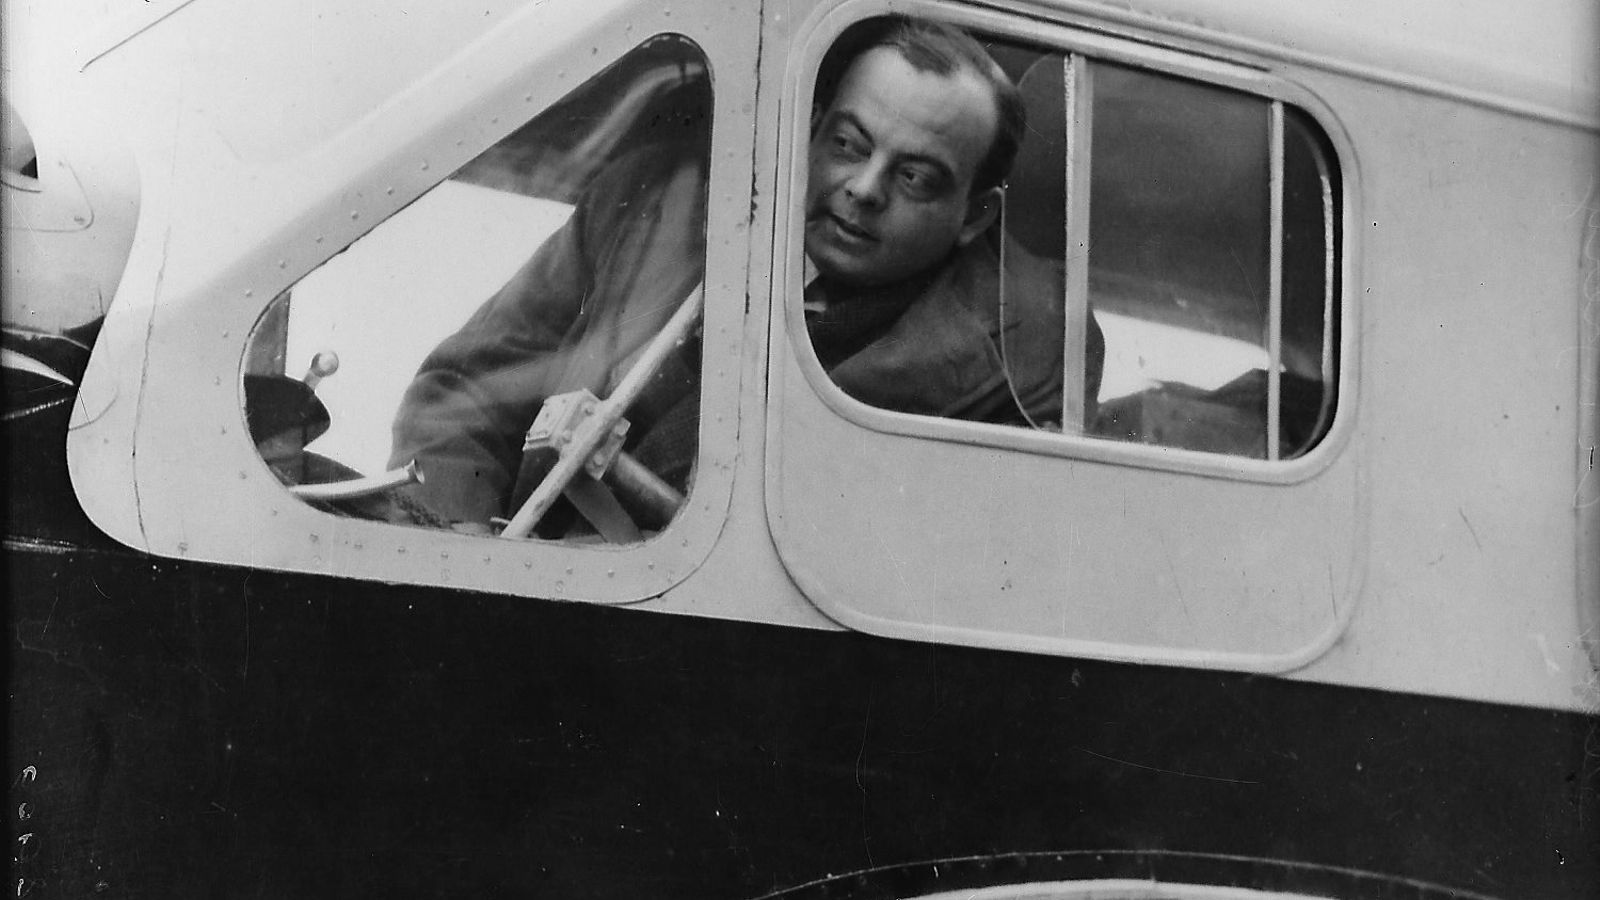 01. L'escriptor francès en una de les avionetes que pilotava.   02. El carnet de reporter de Saint-Exupéry.